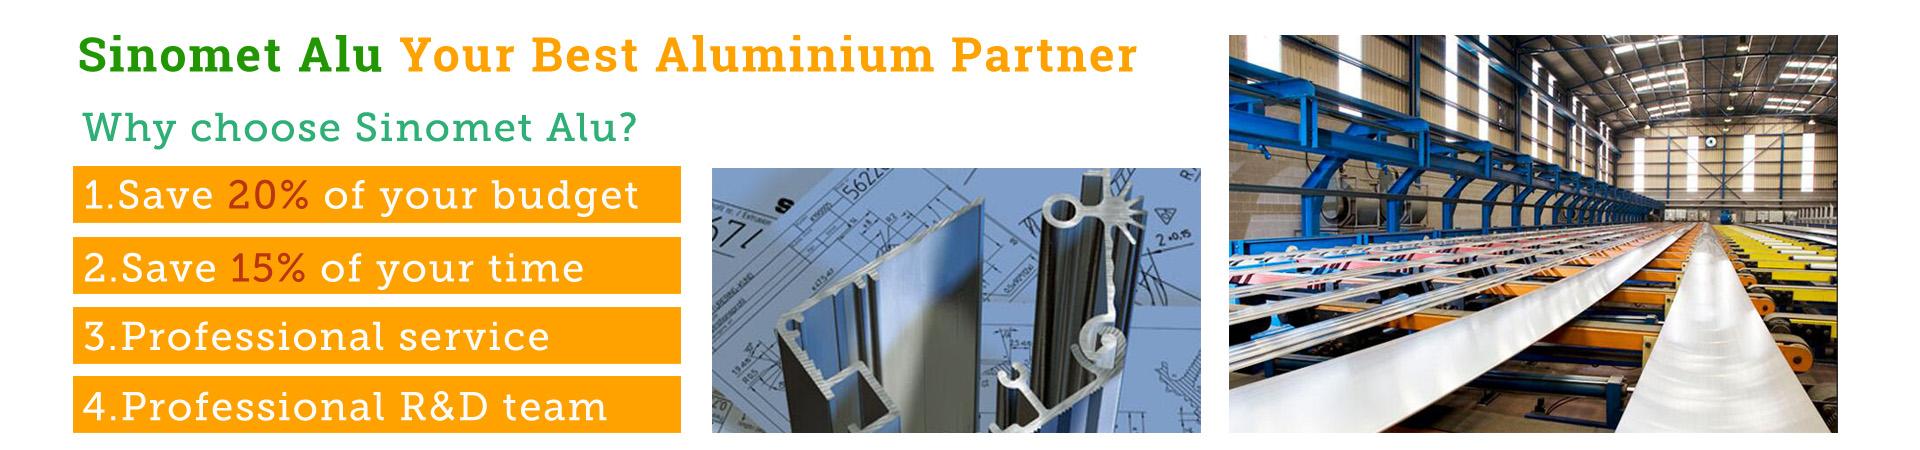 Sinomet Aluminum